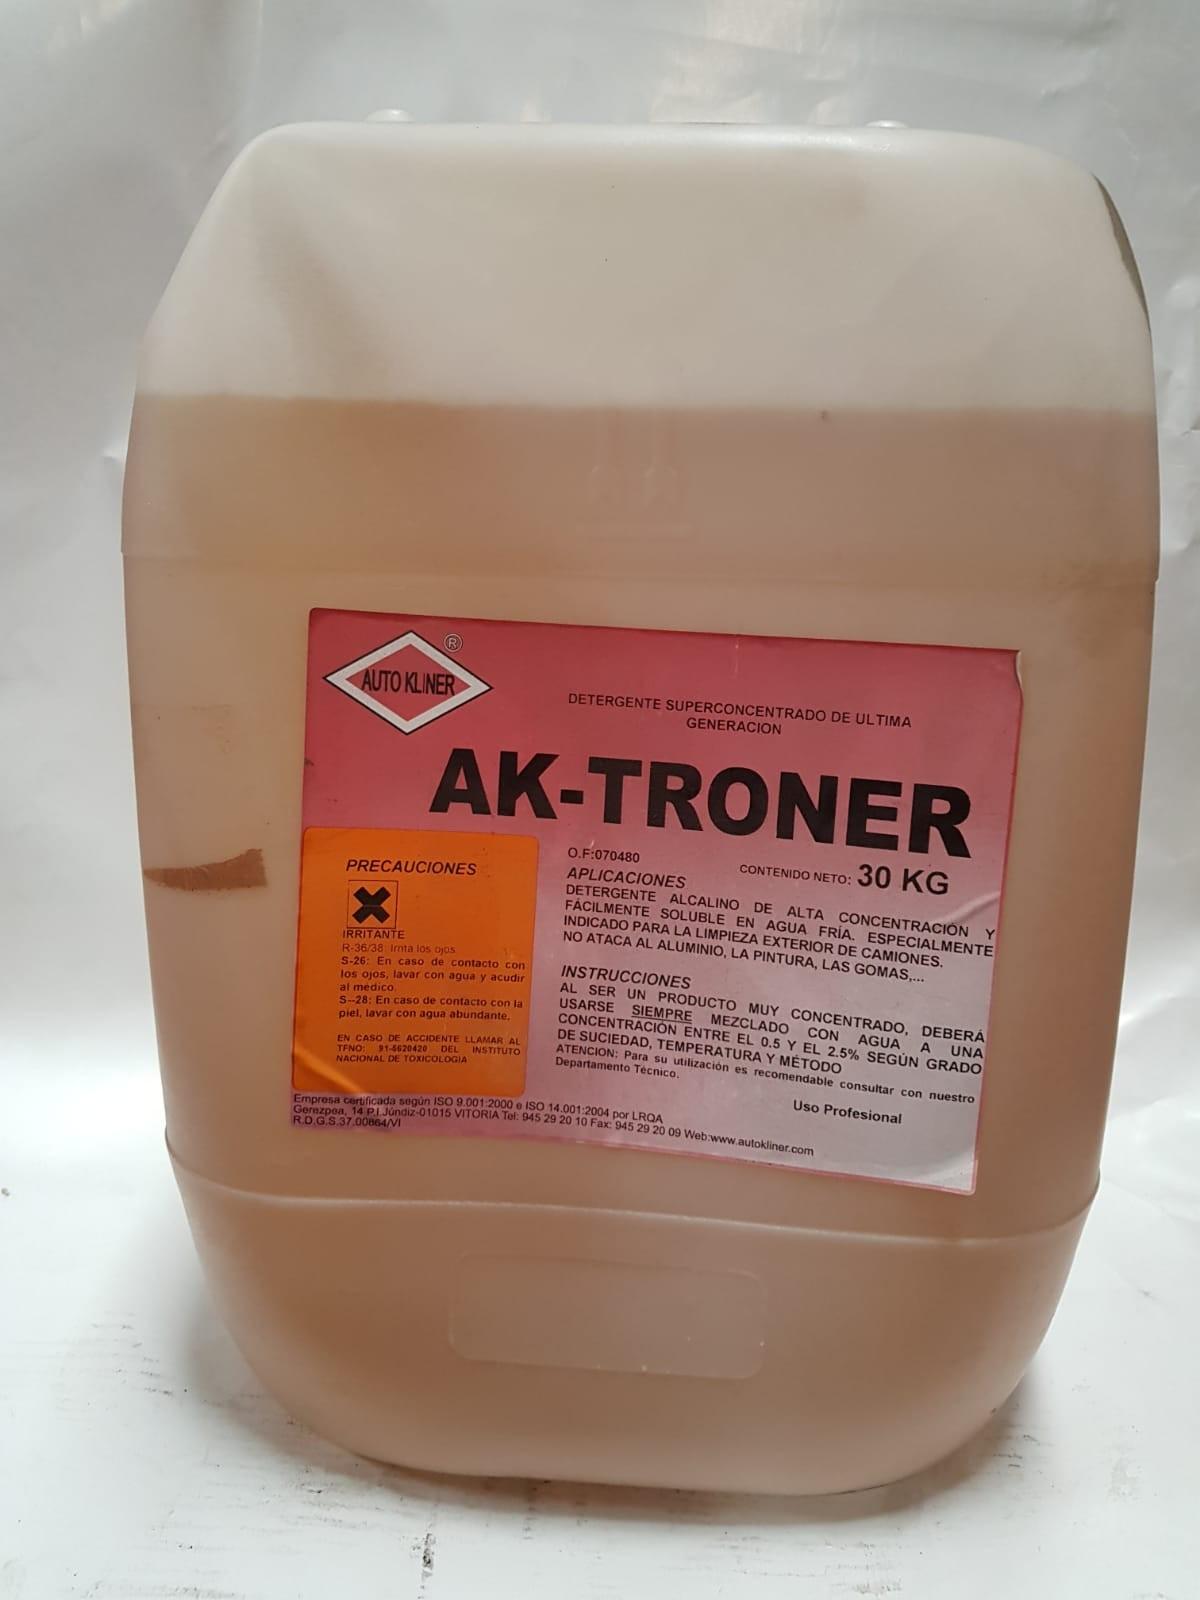 Detergente superconcentrado para limpieza de camiones AK-TRONER